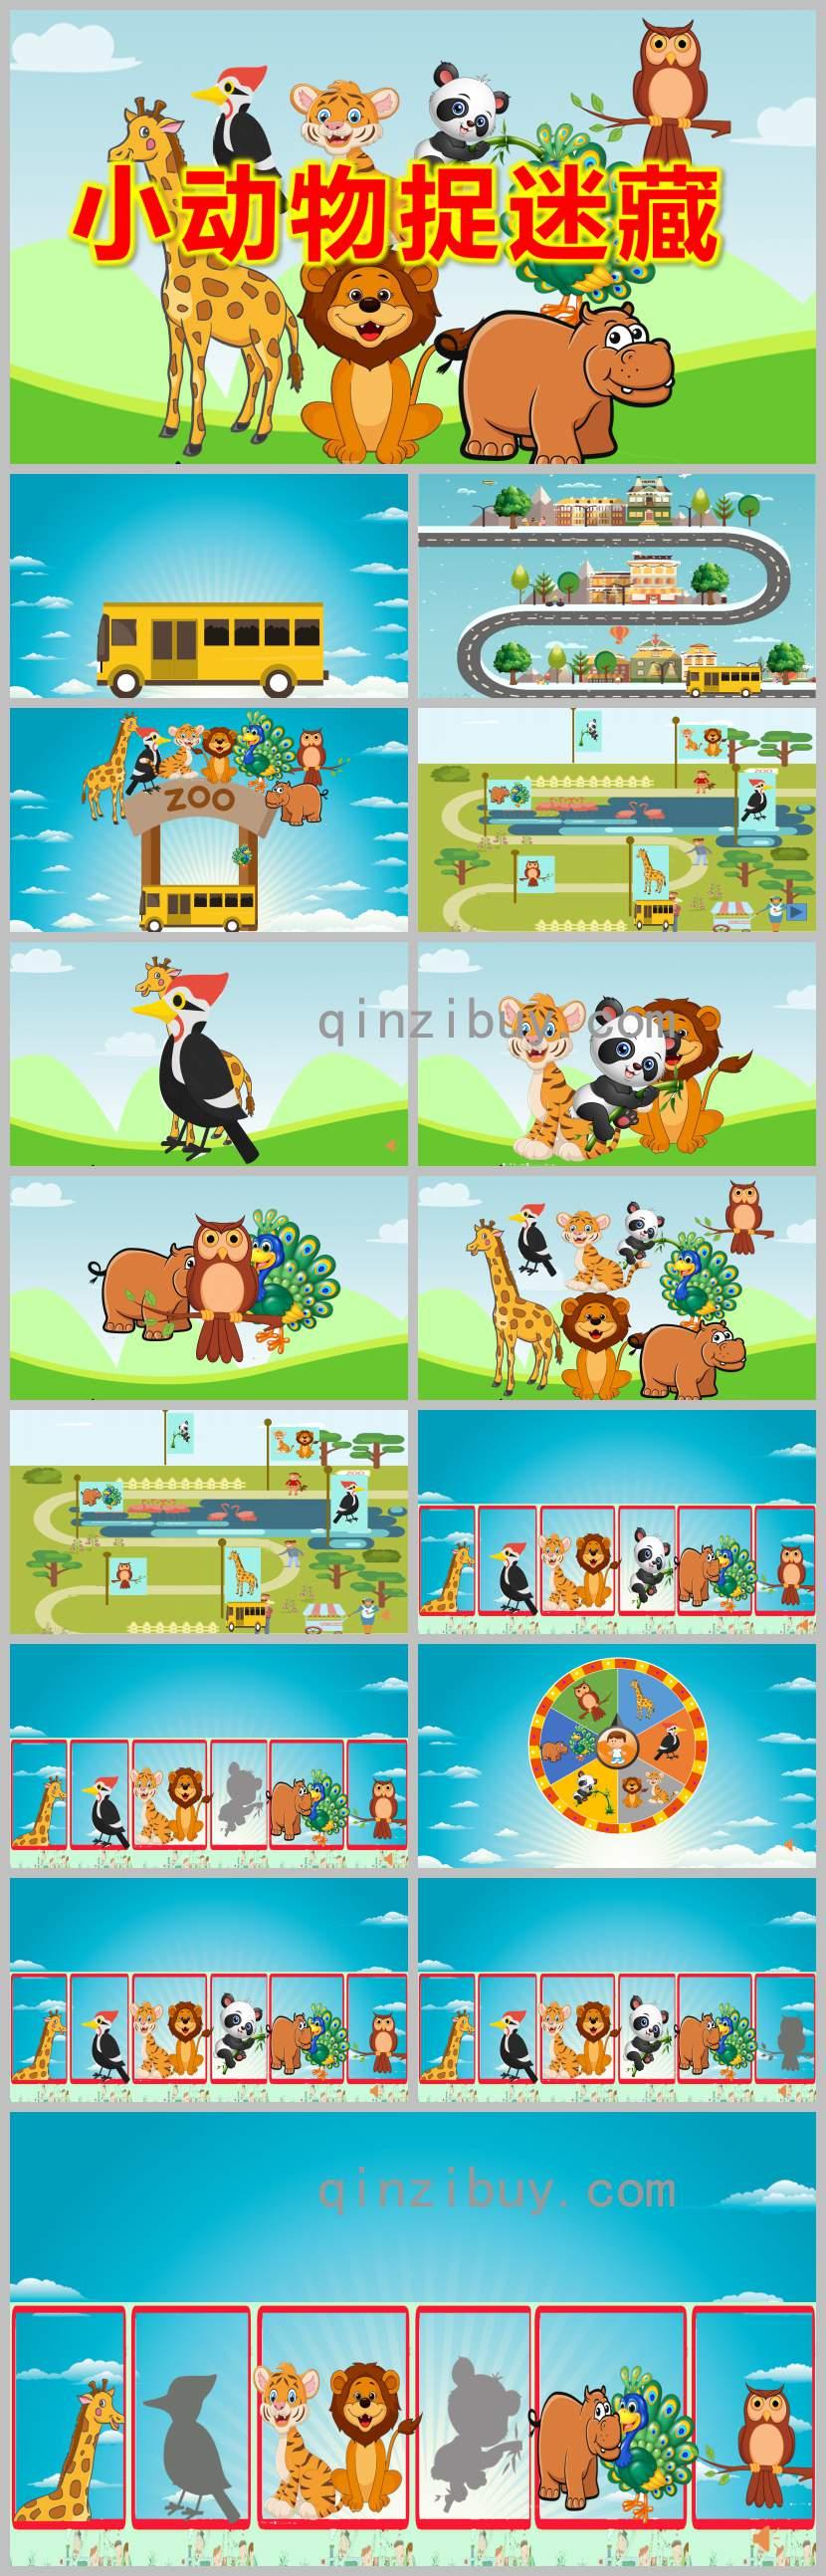 中班音乐歌唱游戏小动物捉迷藏PPT课件教案